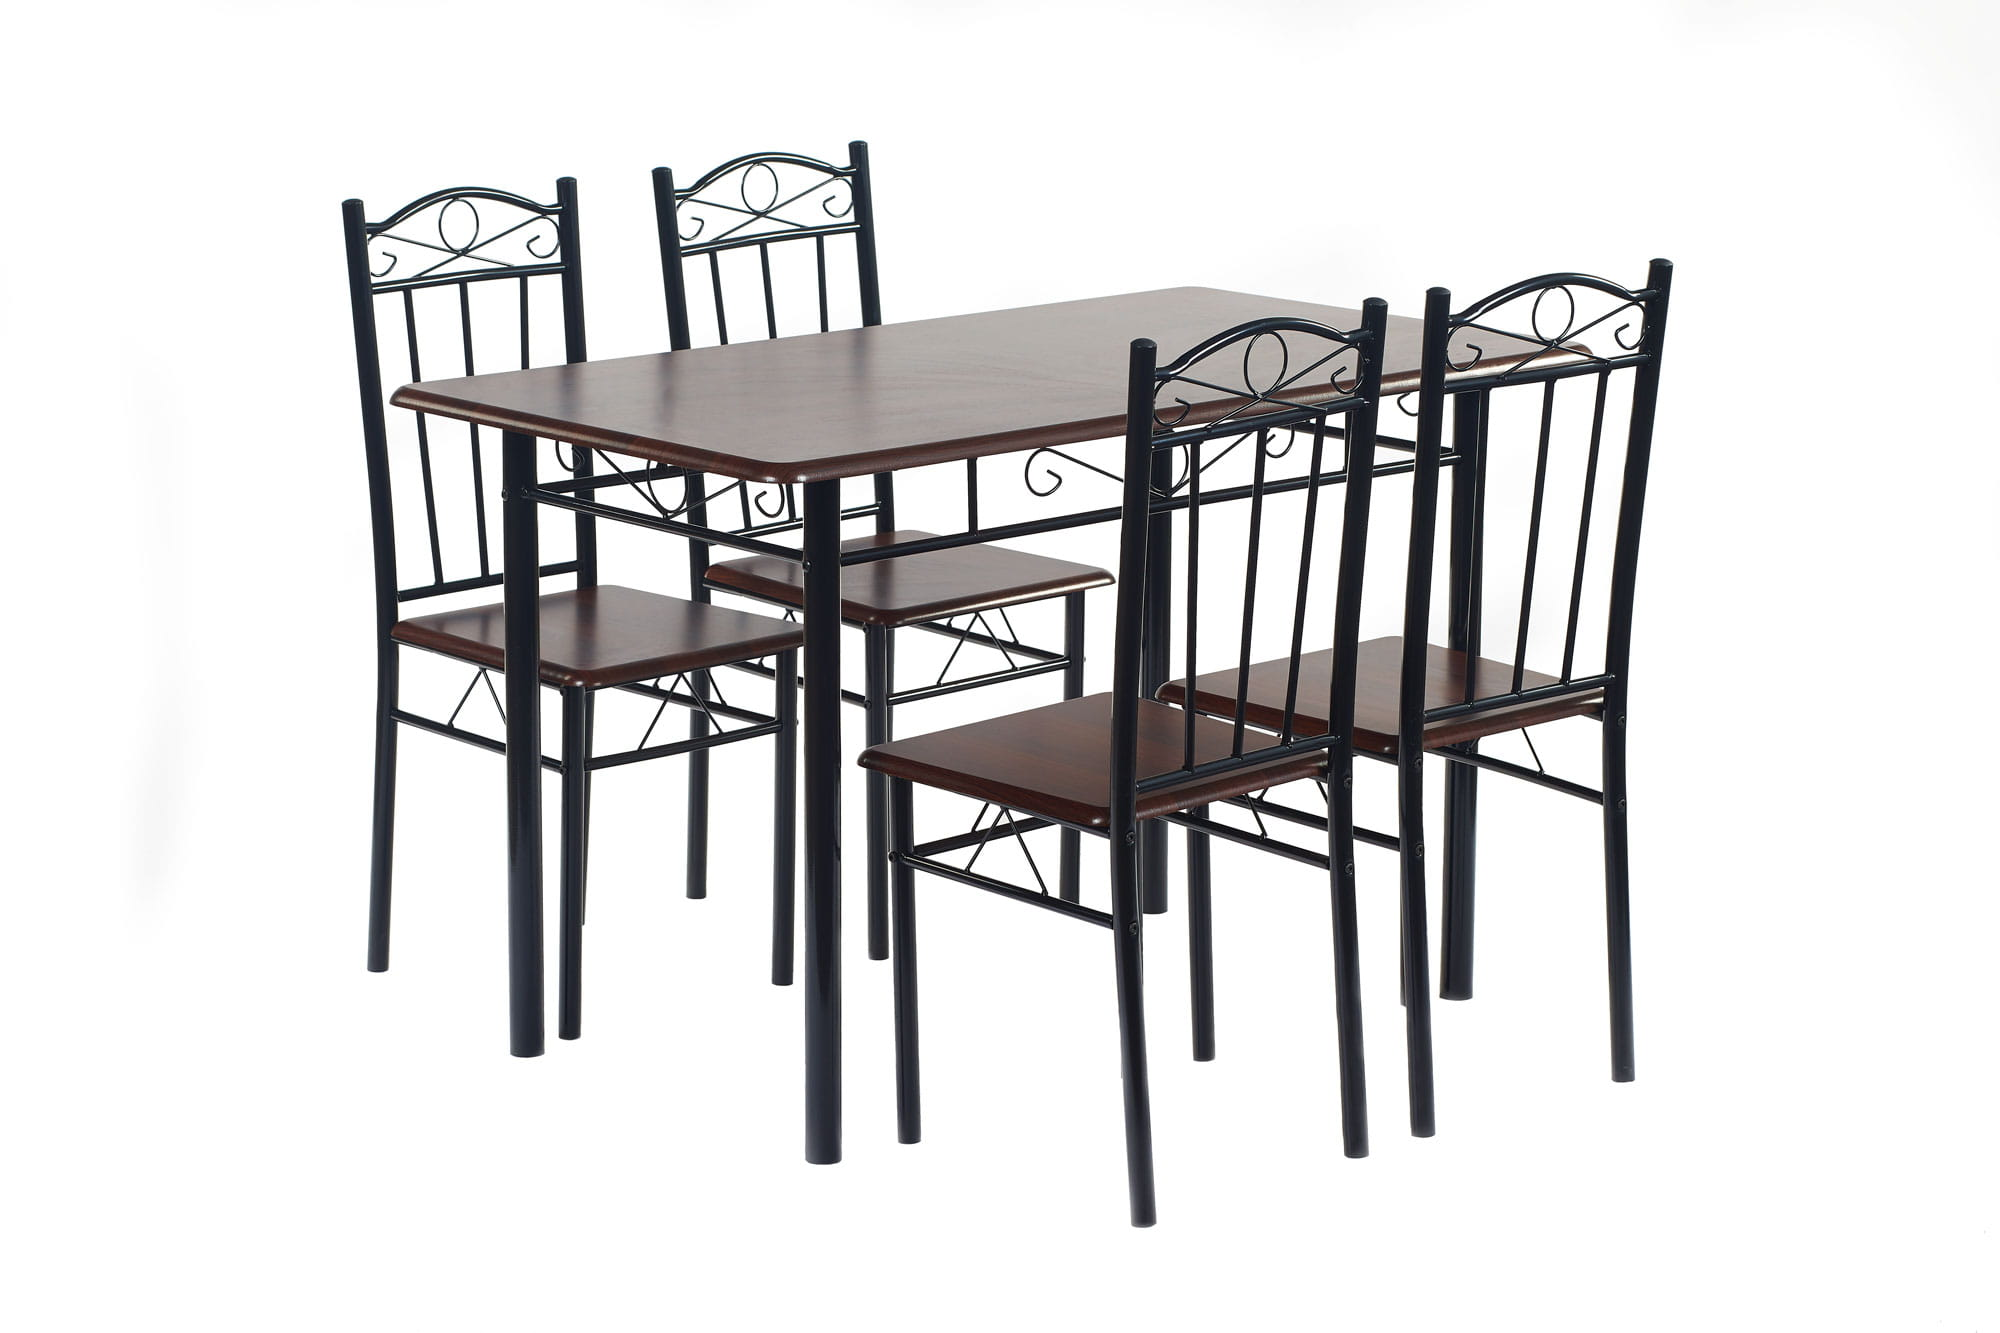 Zestaw Kuchenny Do Jadalni Stół 120cm 4 Krzesła Fitness Home